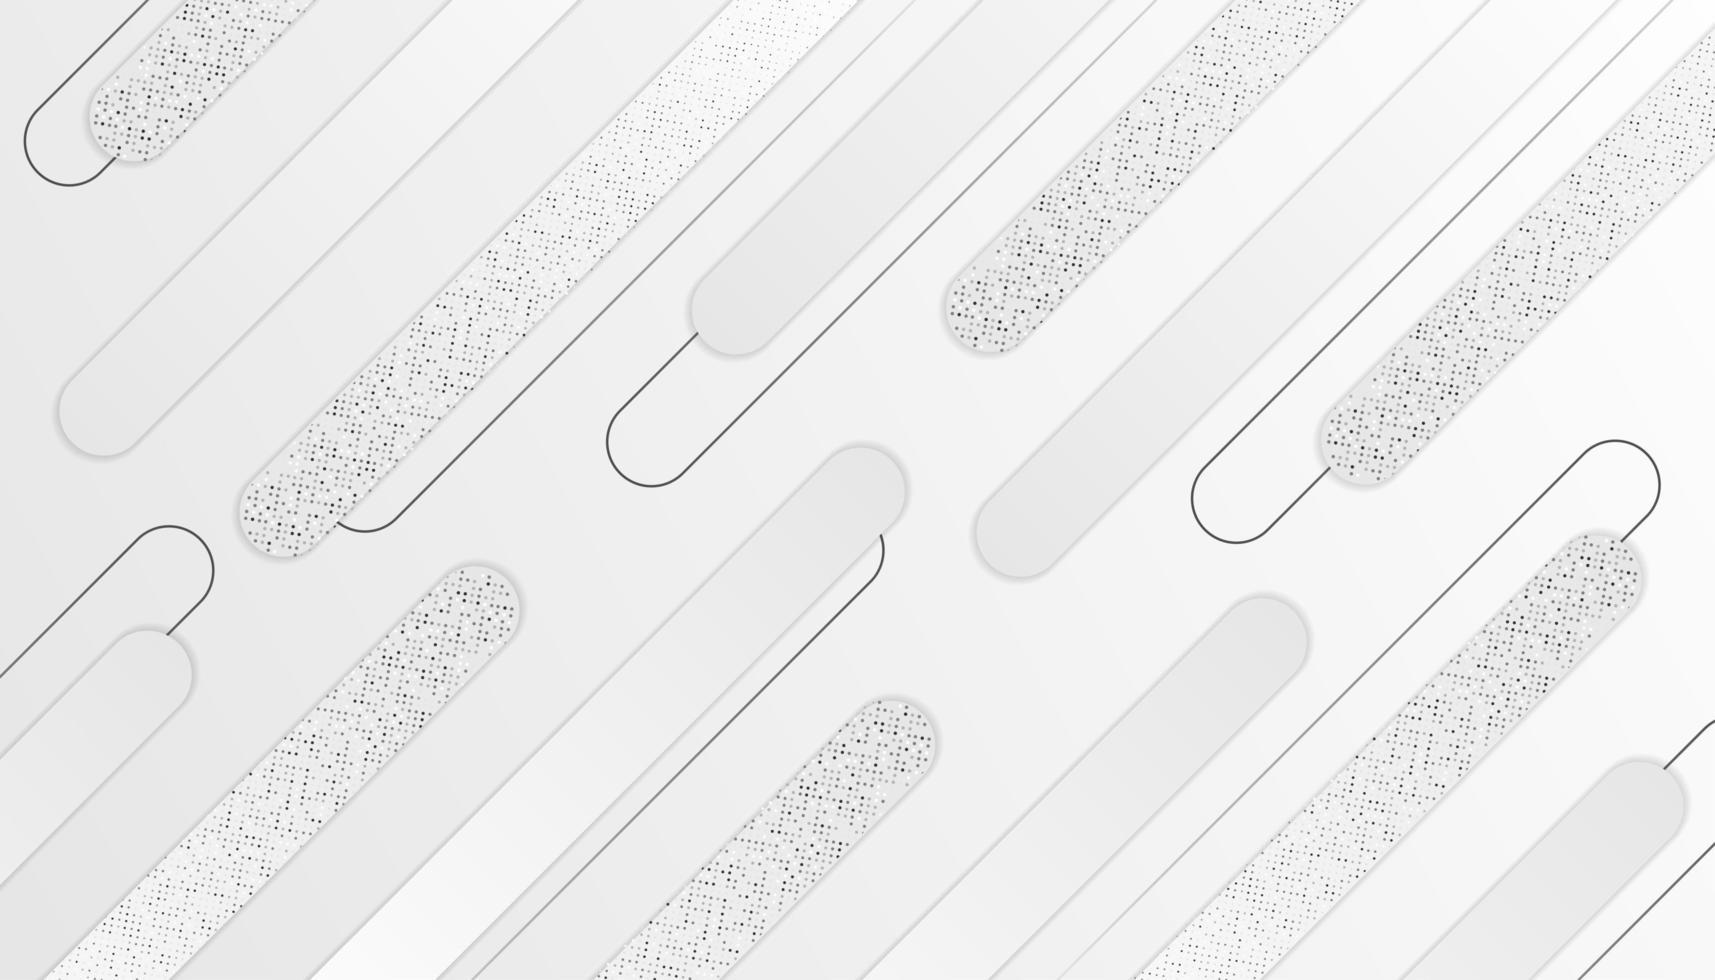 Arriere Plan De Ligne Abstraite Moderne En Gris Blanc Telecharger Vectoriel Gratuit Clipart Graphique Vecteur Dessins Et Pictogramme Gratuit